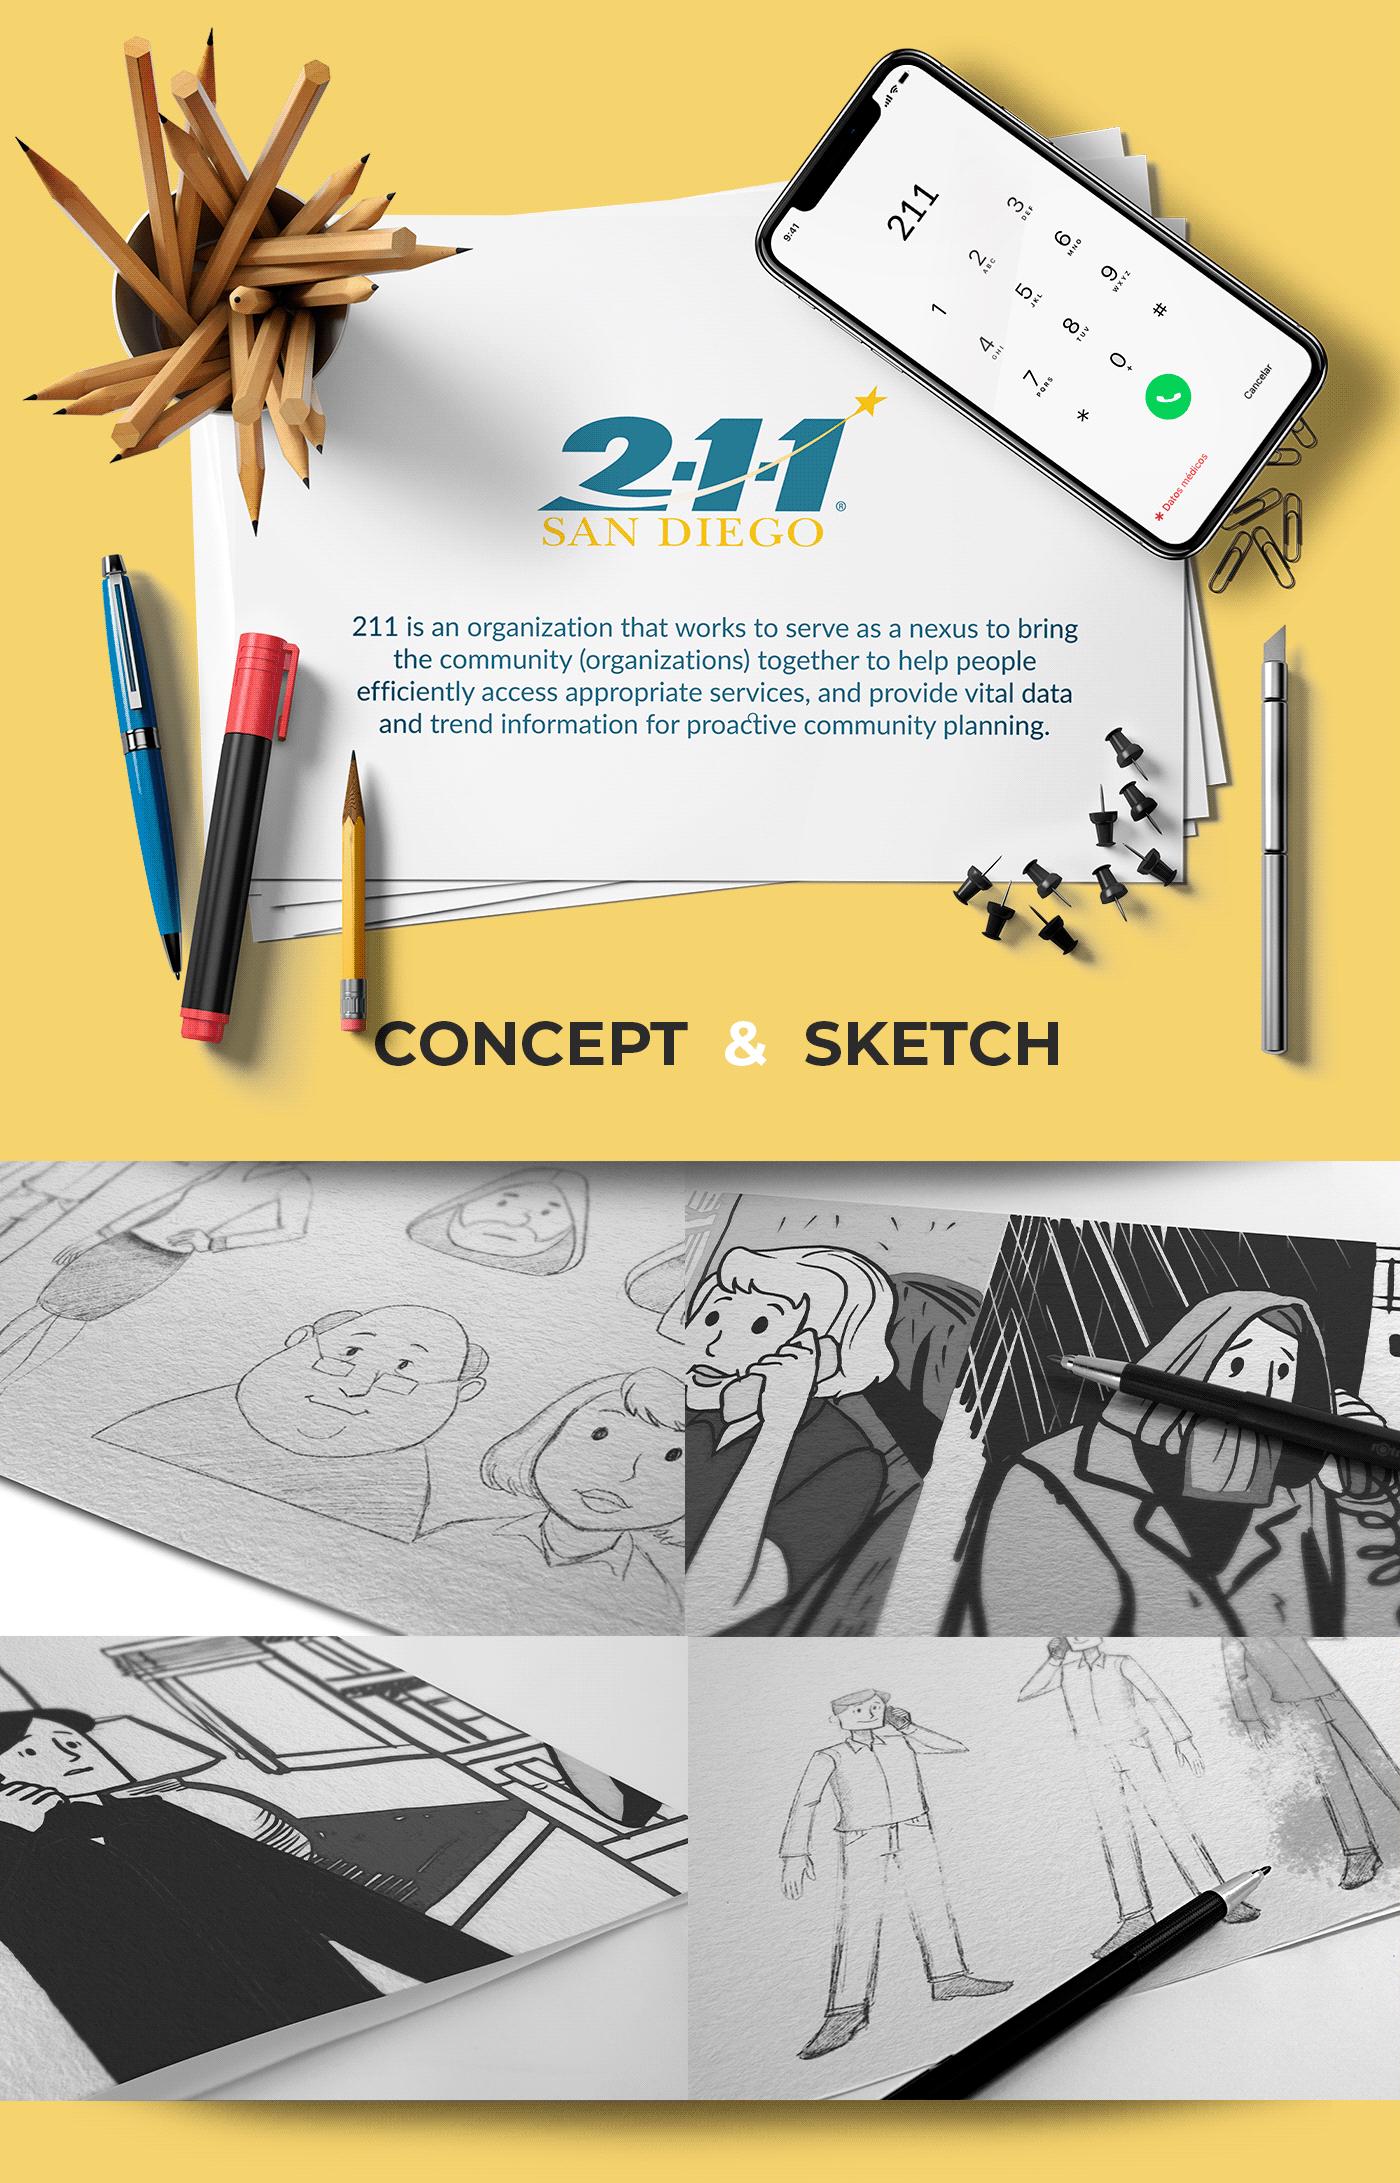 Image may contain: drawing, handwriting and cartoon